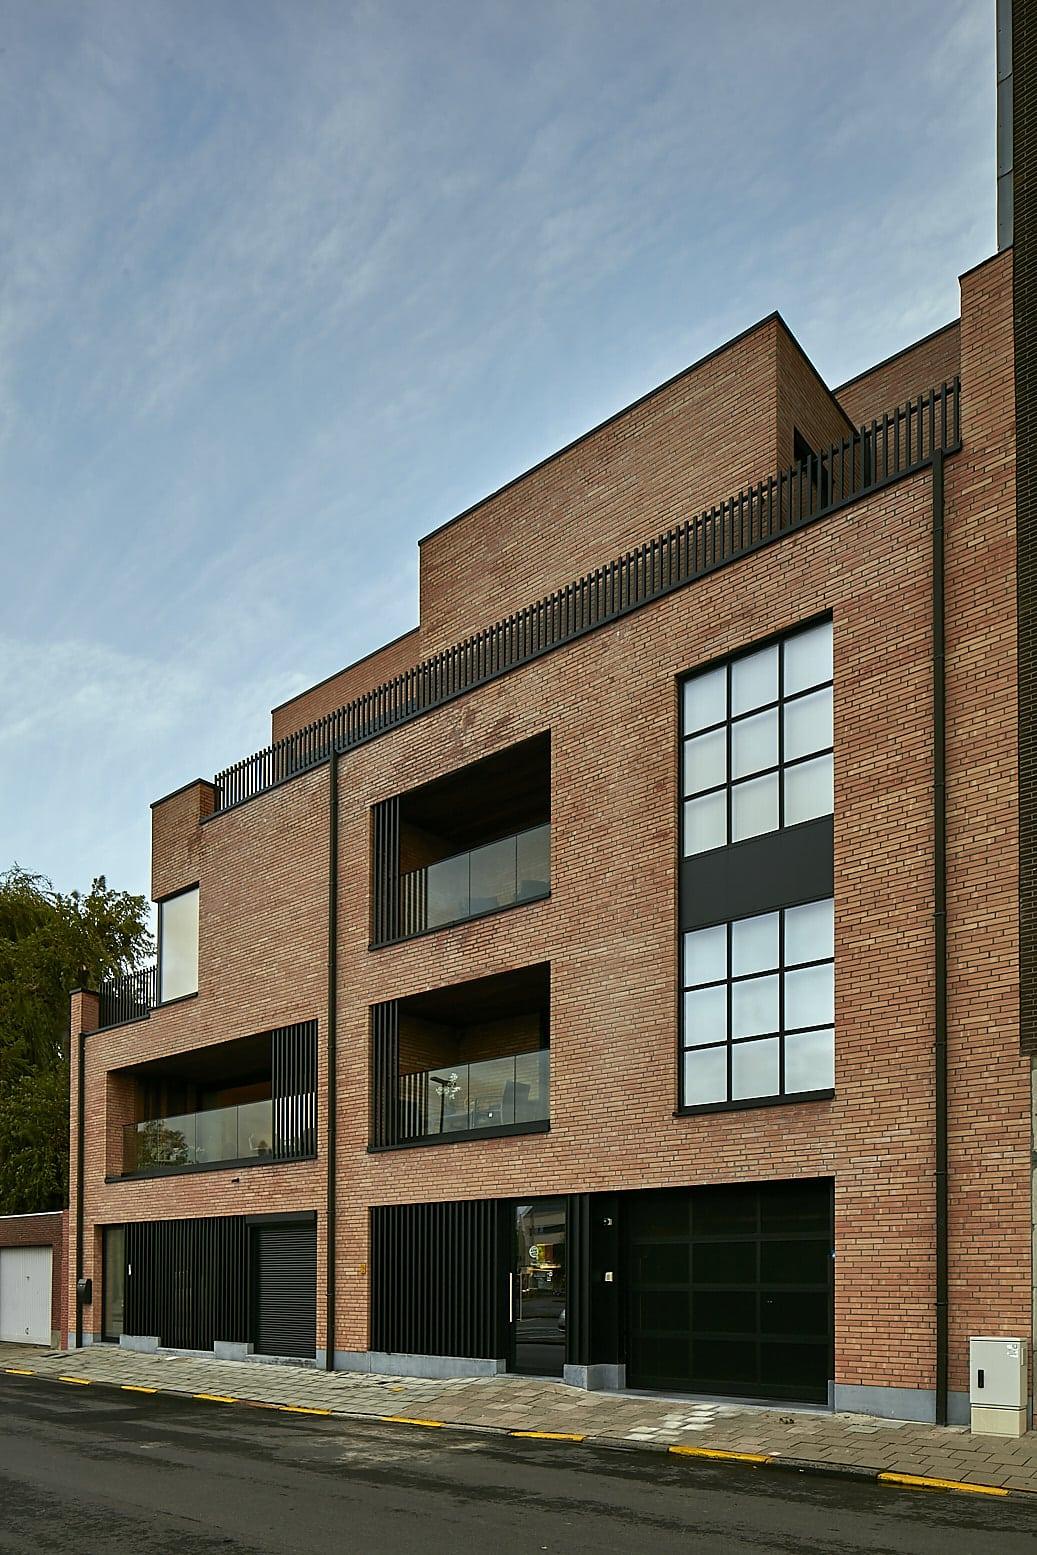 East view - 7 appartementen - Zelzate | Realisaties - Strak bouw bv